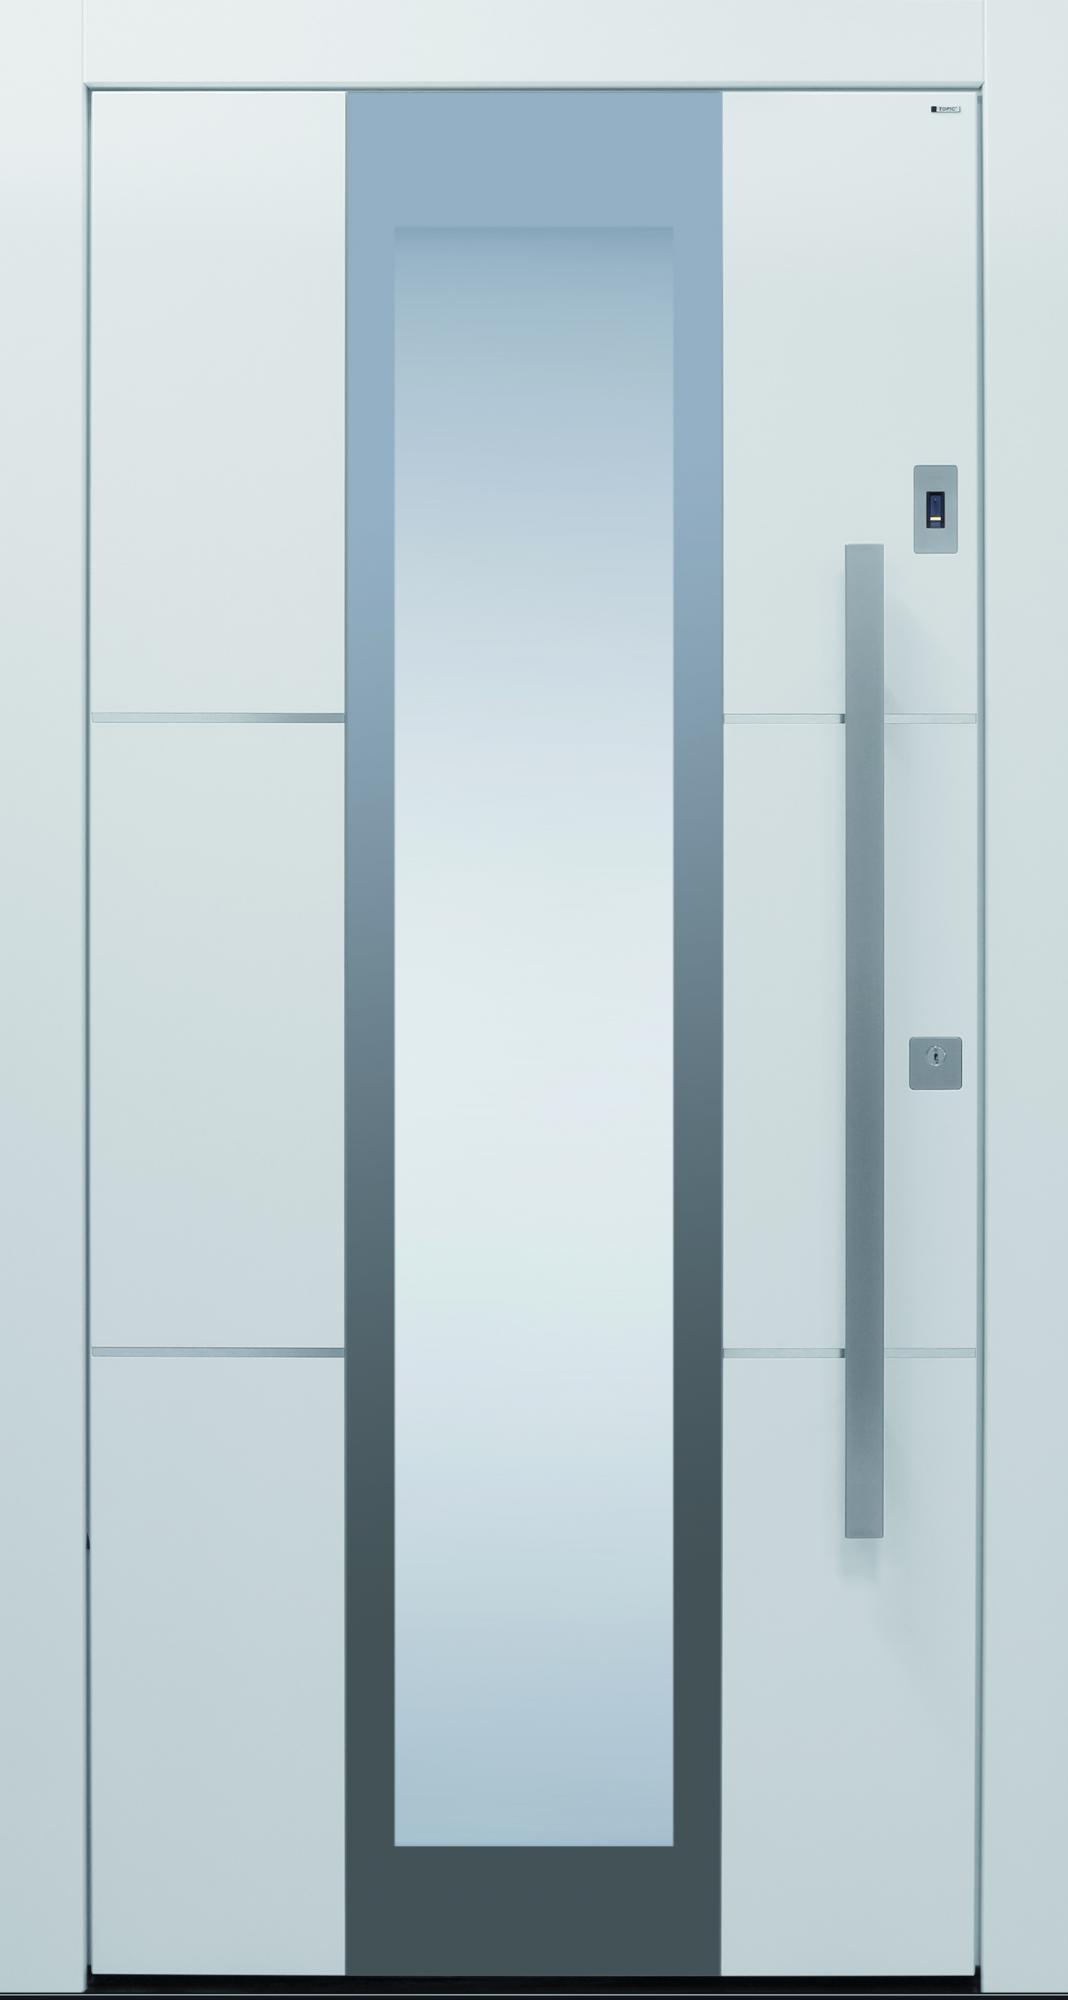 Haustür modern weiß  TOPIC - Haustüren von Meisterhand TOPIC Haustüren u. Wohnungstüren ...